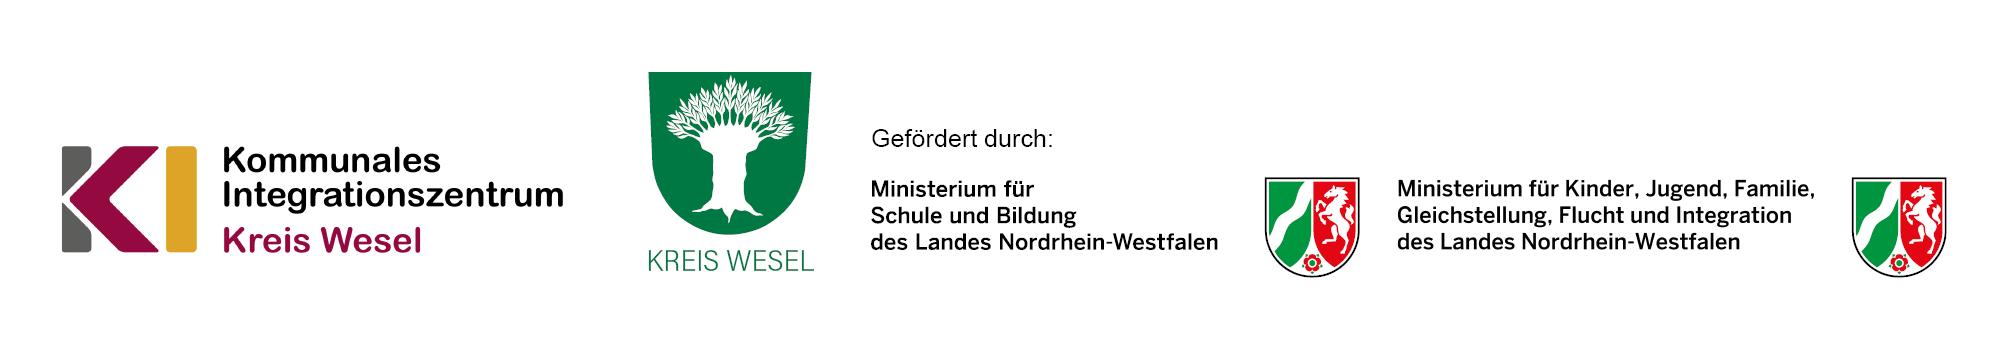 Logos Förderung